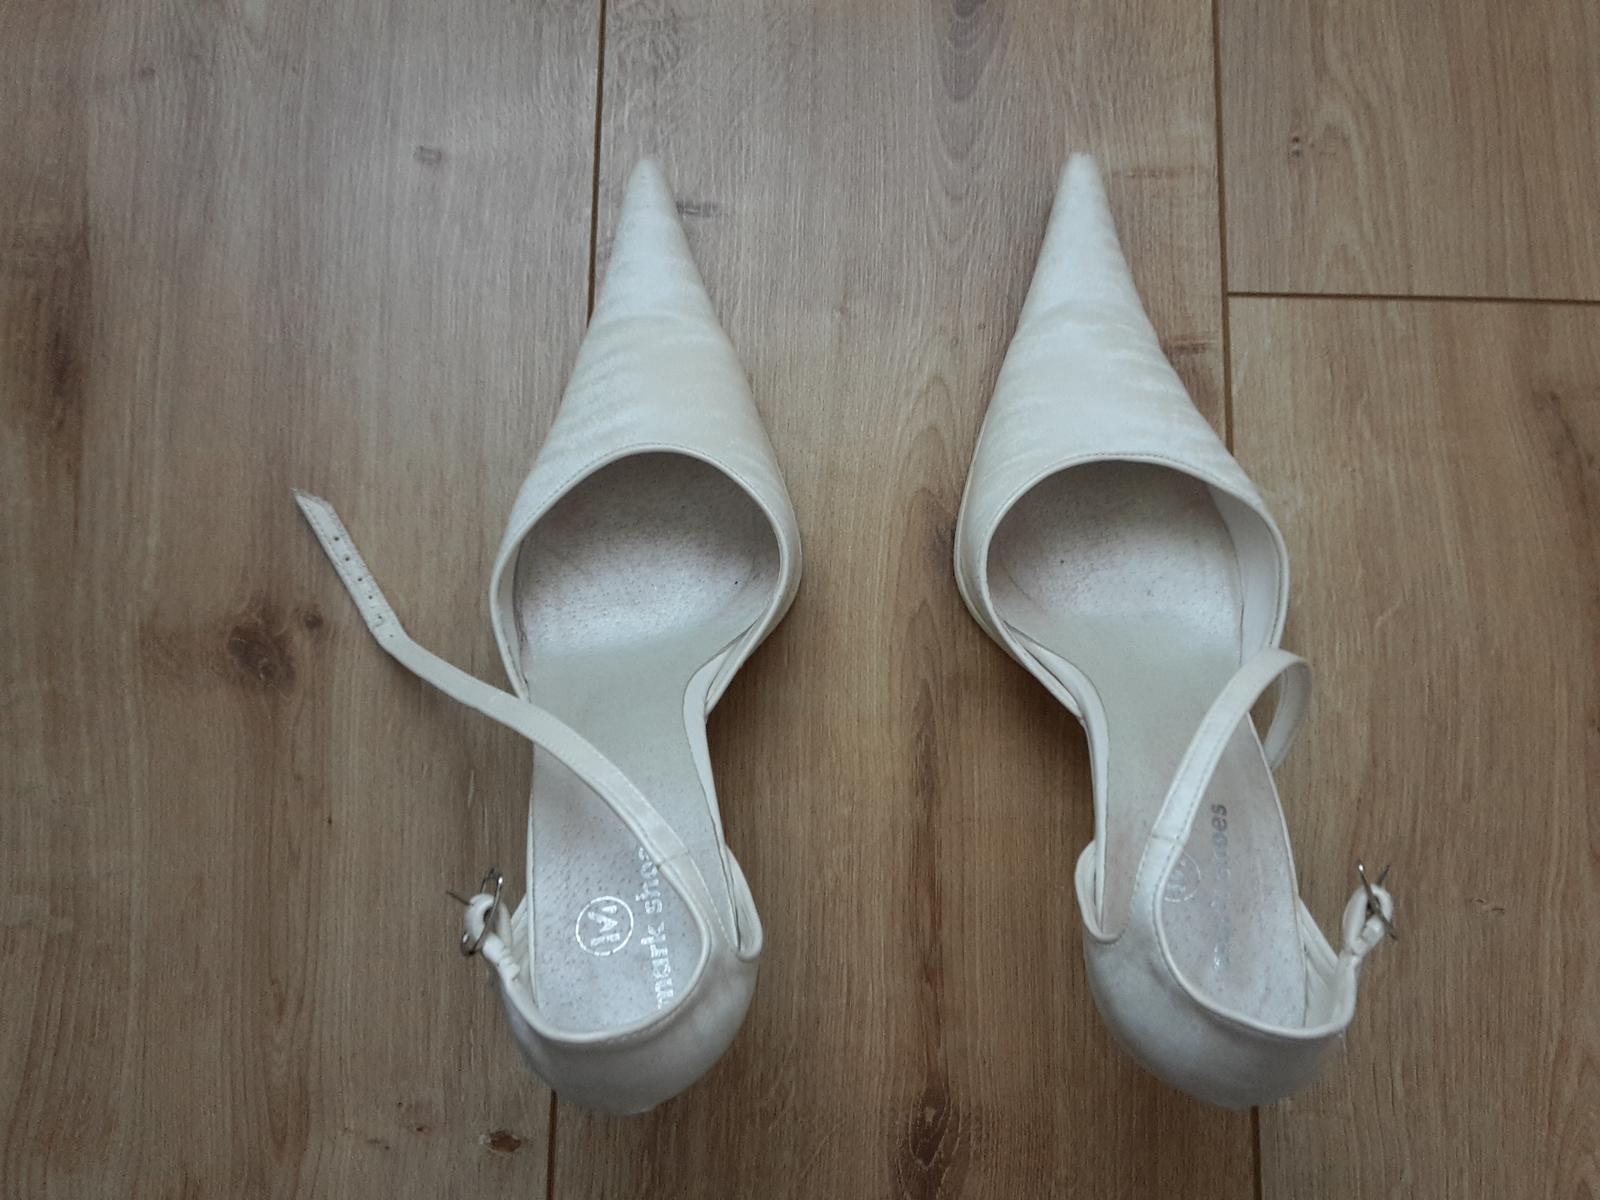 svadobné topánky Mark shoes - Obrázok č. 1